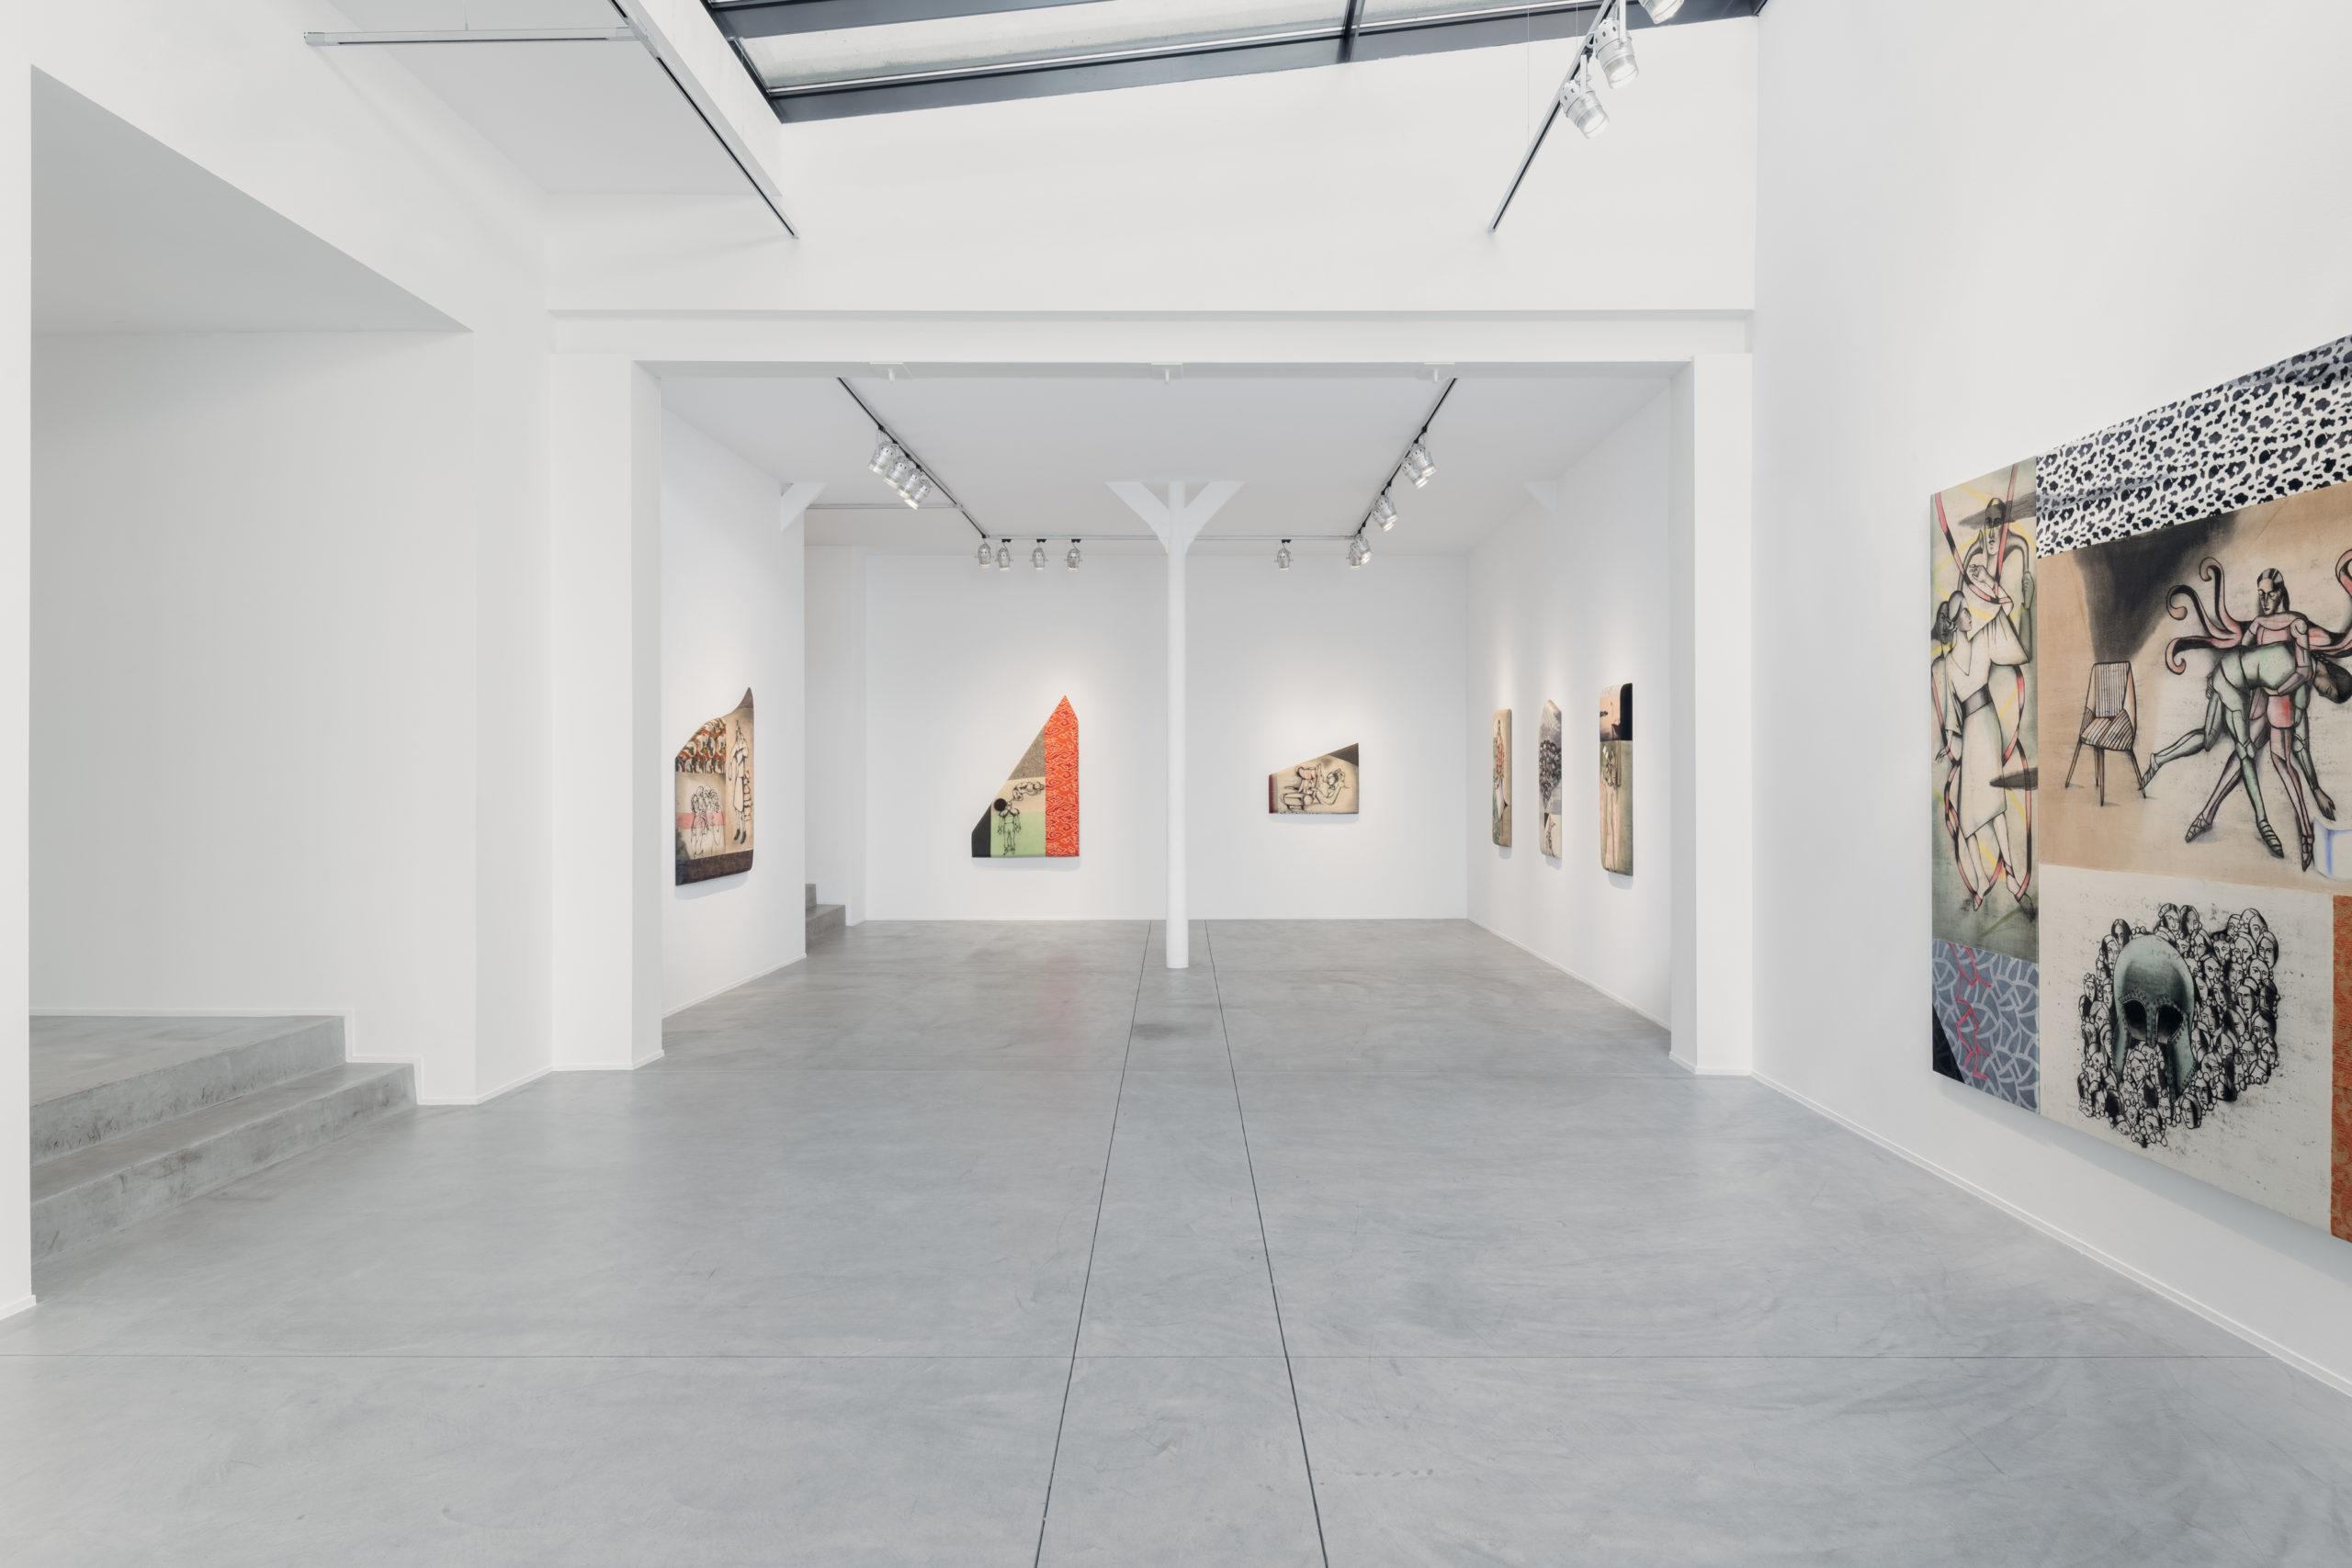 Vue de l'exposition Anju Dodiya, Galerie Templon Brussels. Du 1er au 22 mai 2021. ©Hugard & Vanoverschelde ©Courtesy Templon, Paris – Brussels